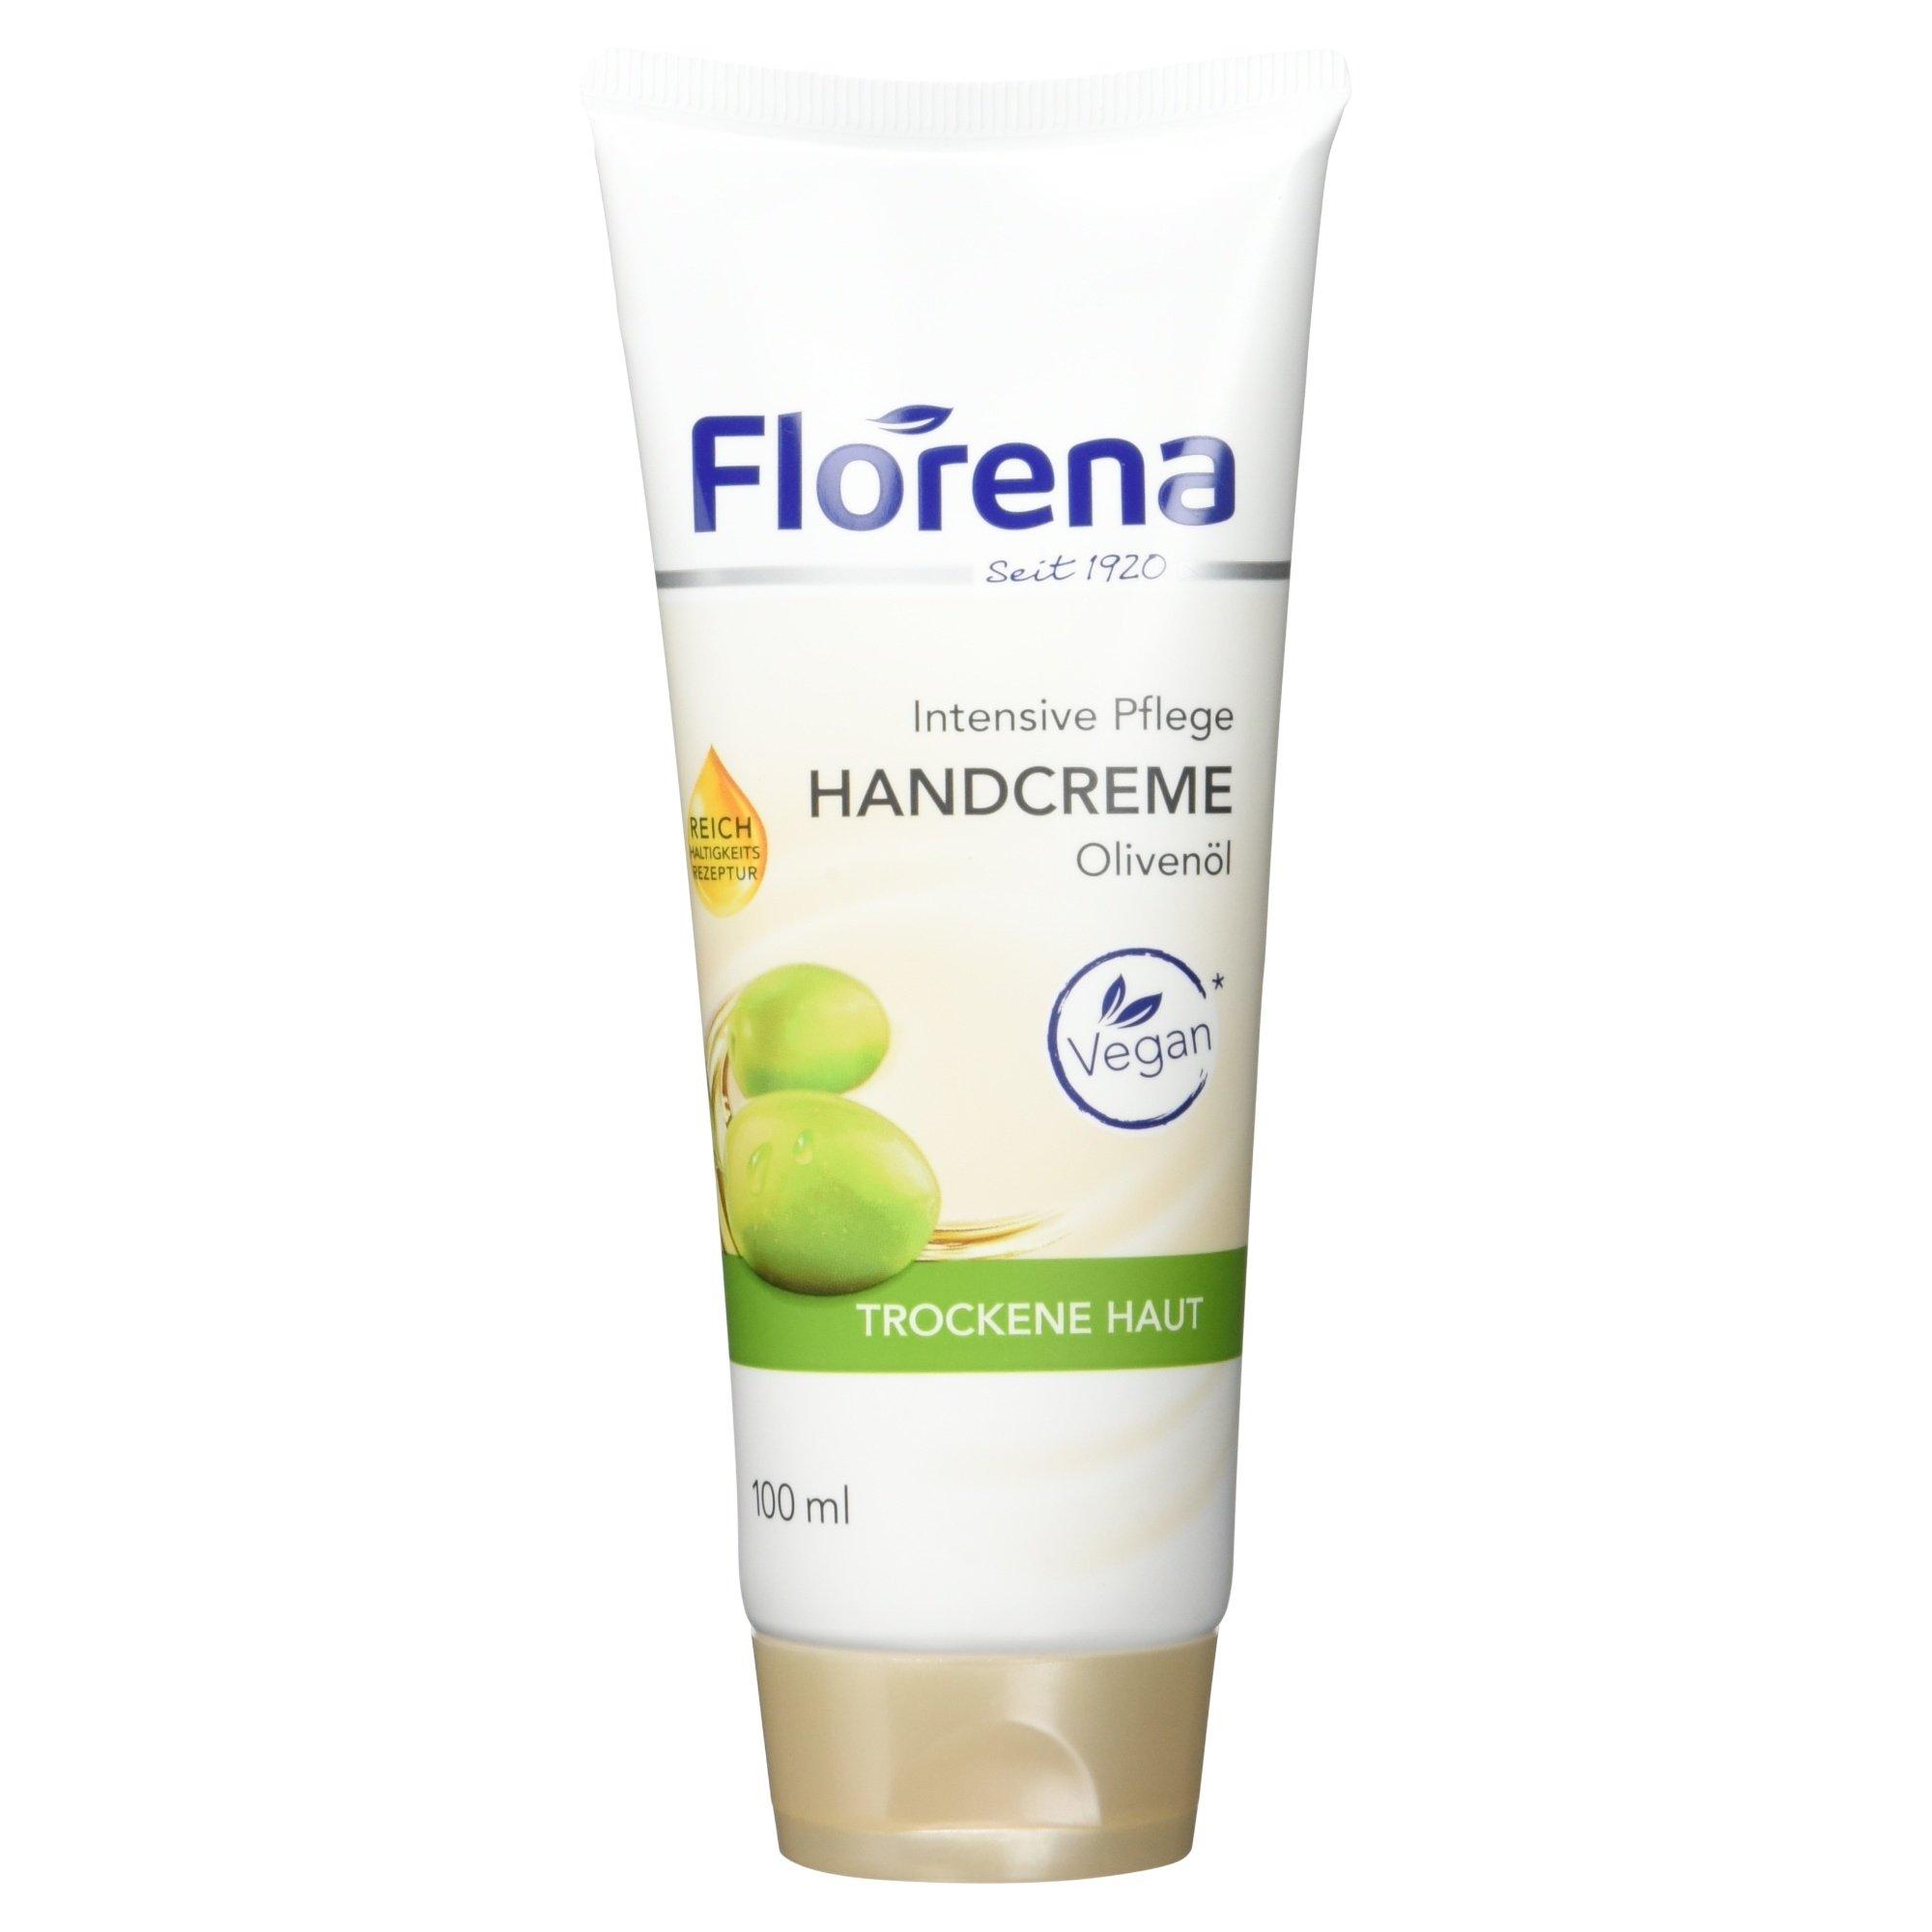 Florena Handcreme Olivenöl Vegan, 1er Pack (1 x 100ml) product image